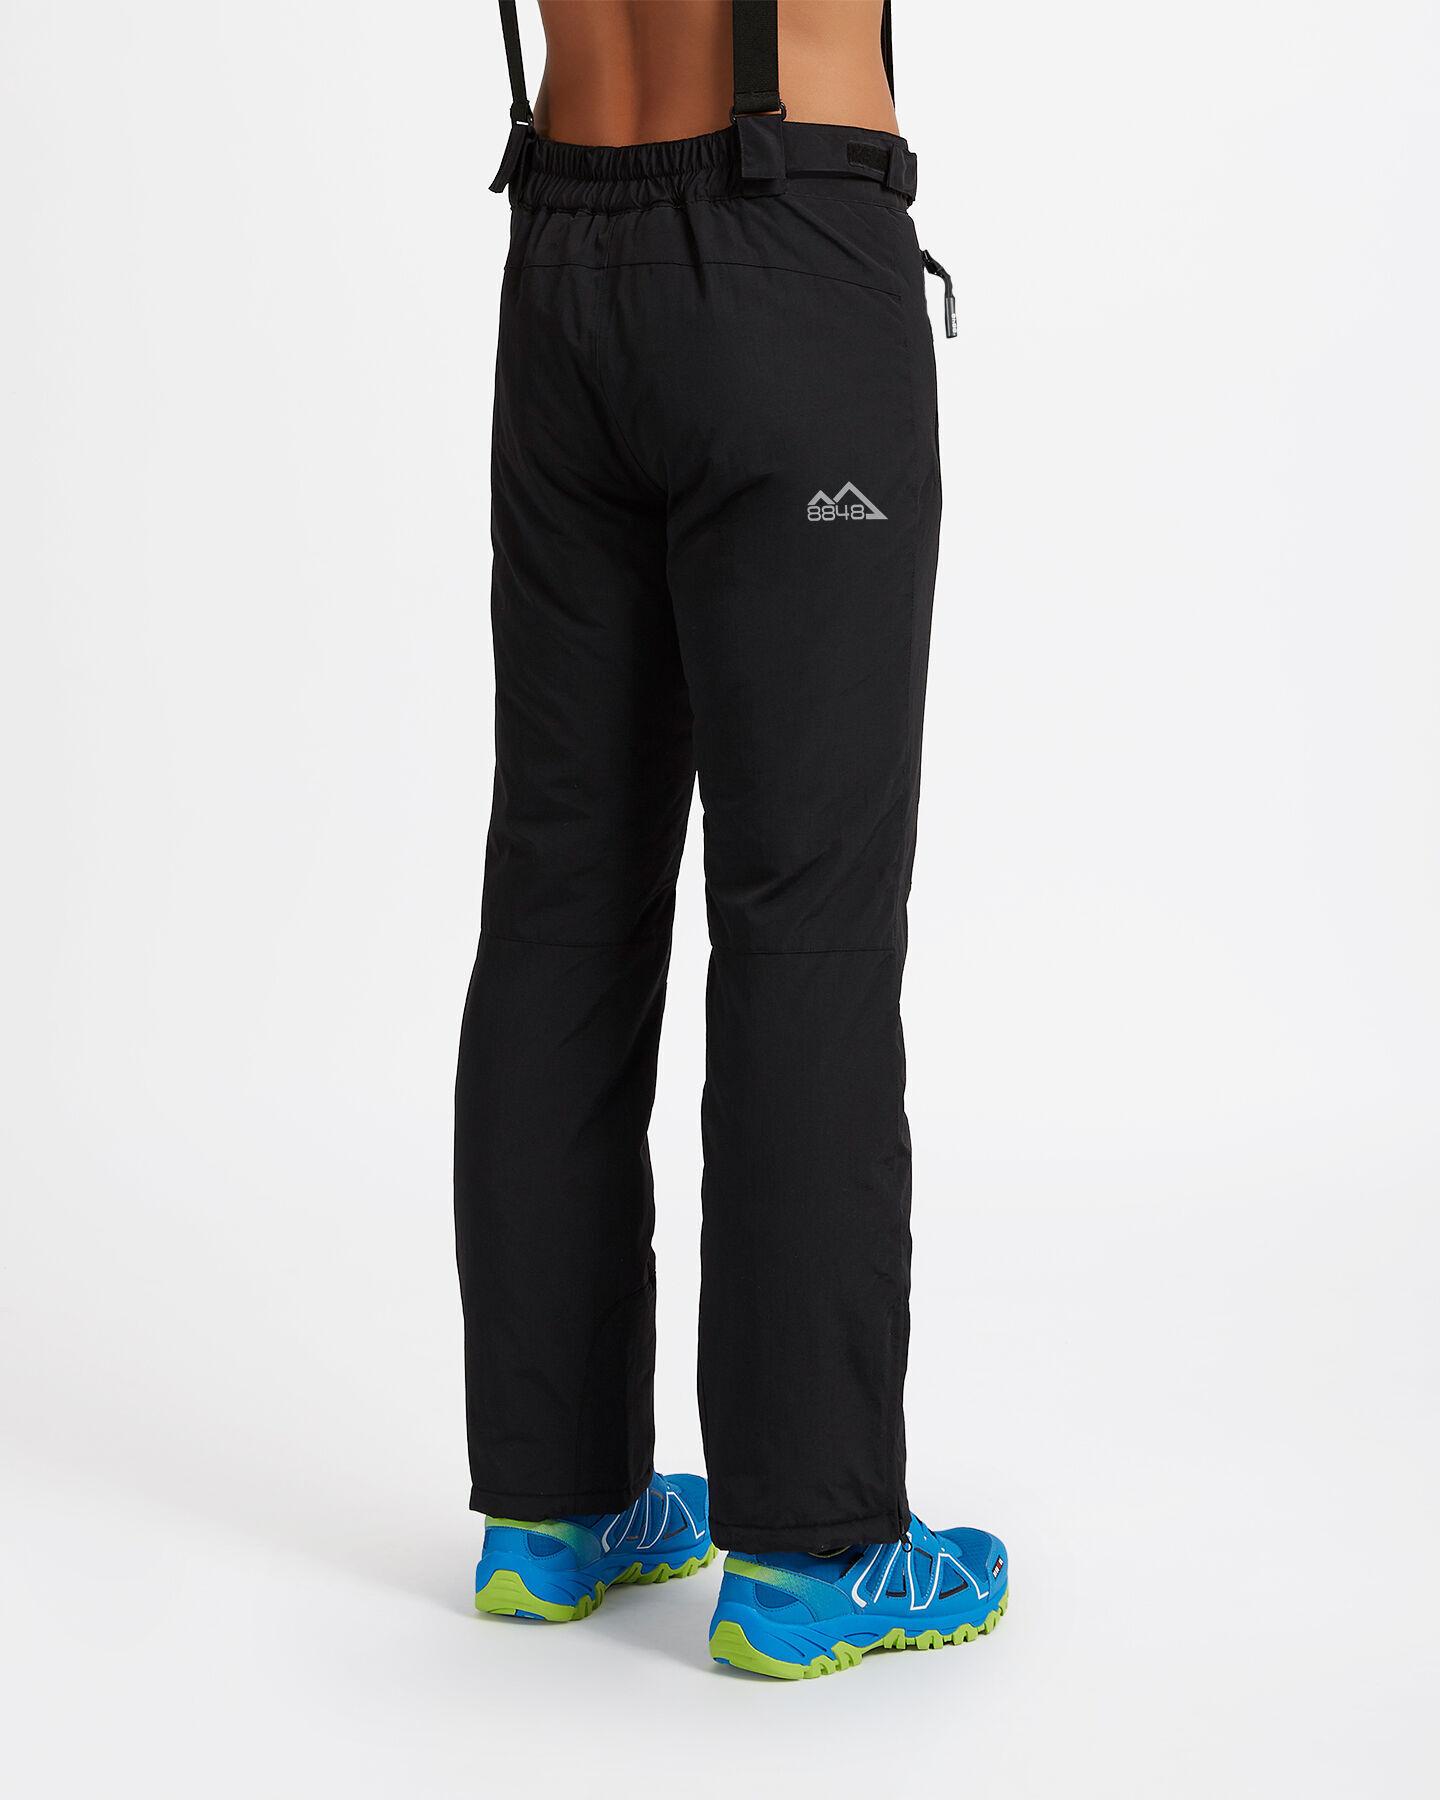 Pantalone sci 8848 REDORTA M S1328296 scatto 1